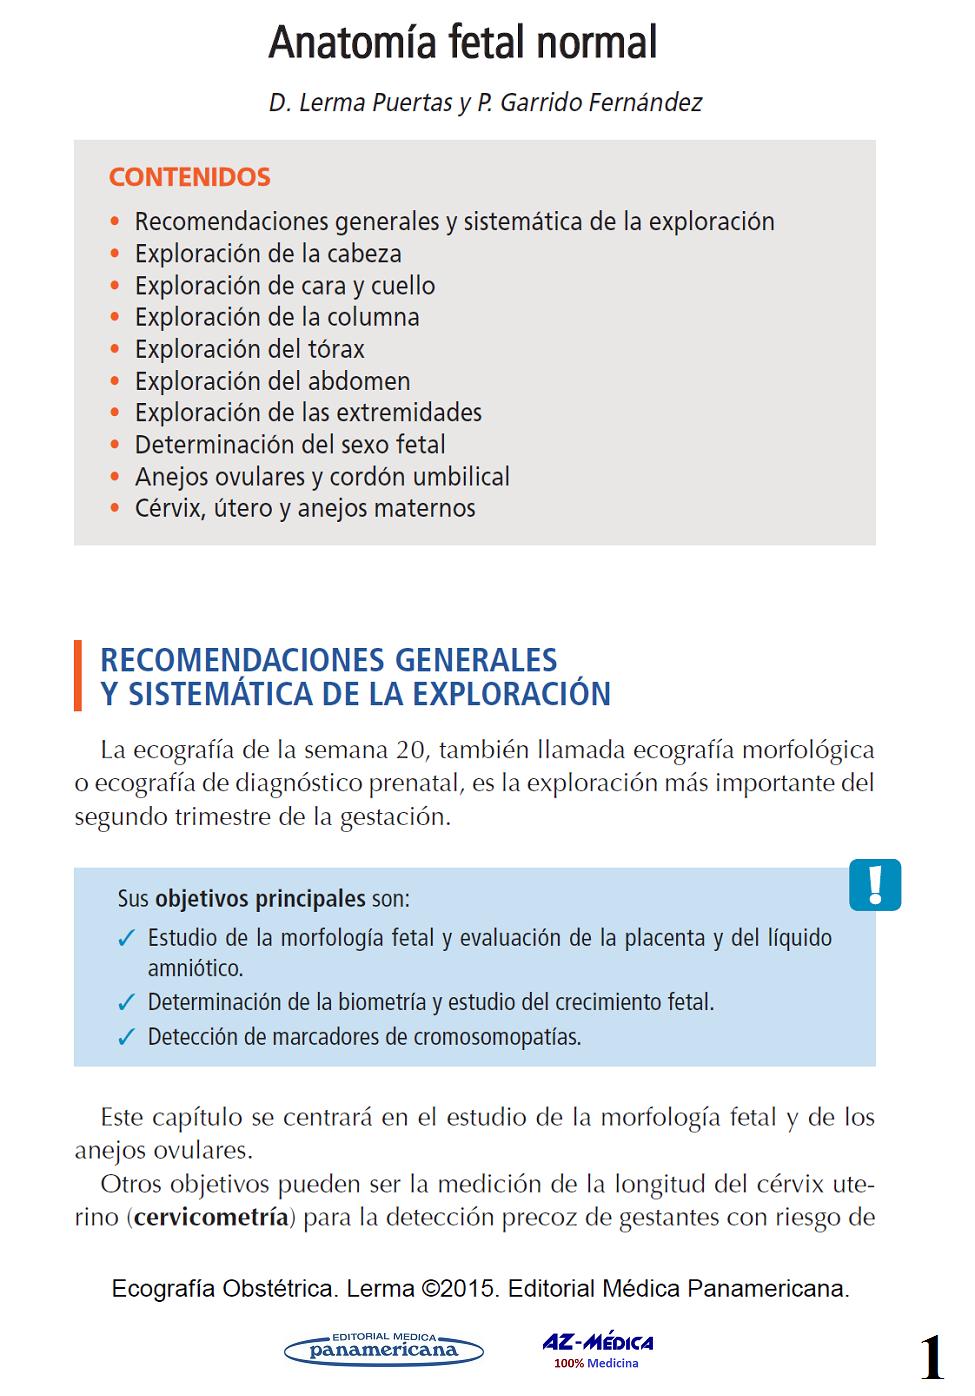 Único 20 Semanas De Exploración Anatomía Fetal Regalo - Anatomía de ...